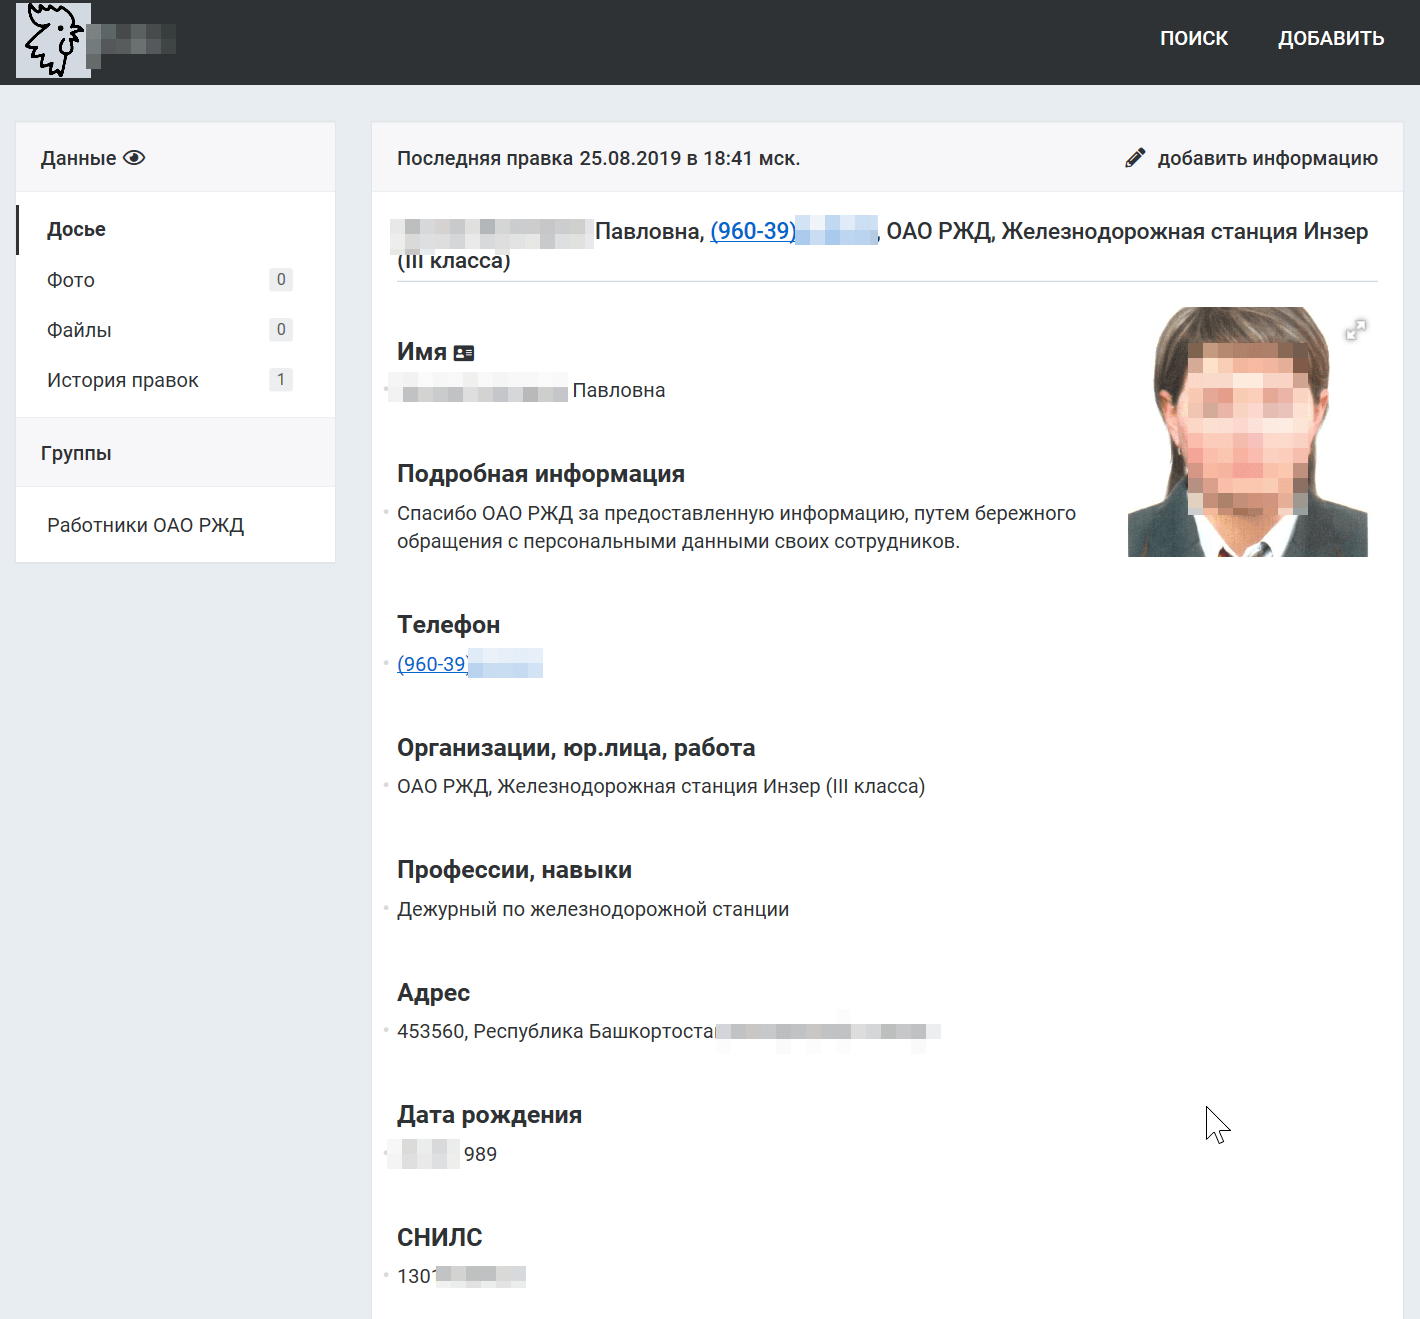 Утечка персональных данных сотрудников РЖД (vzfv)